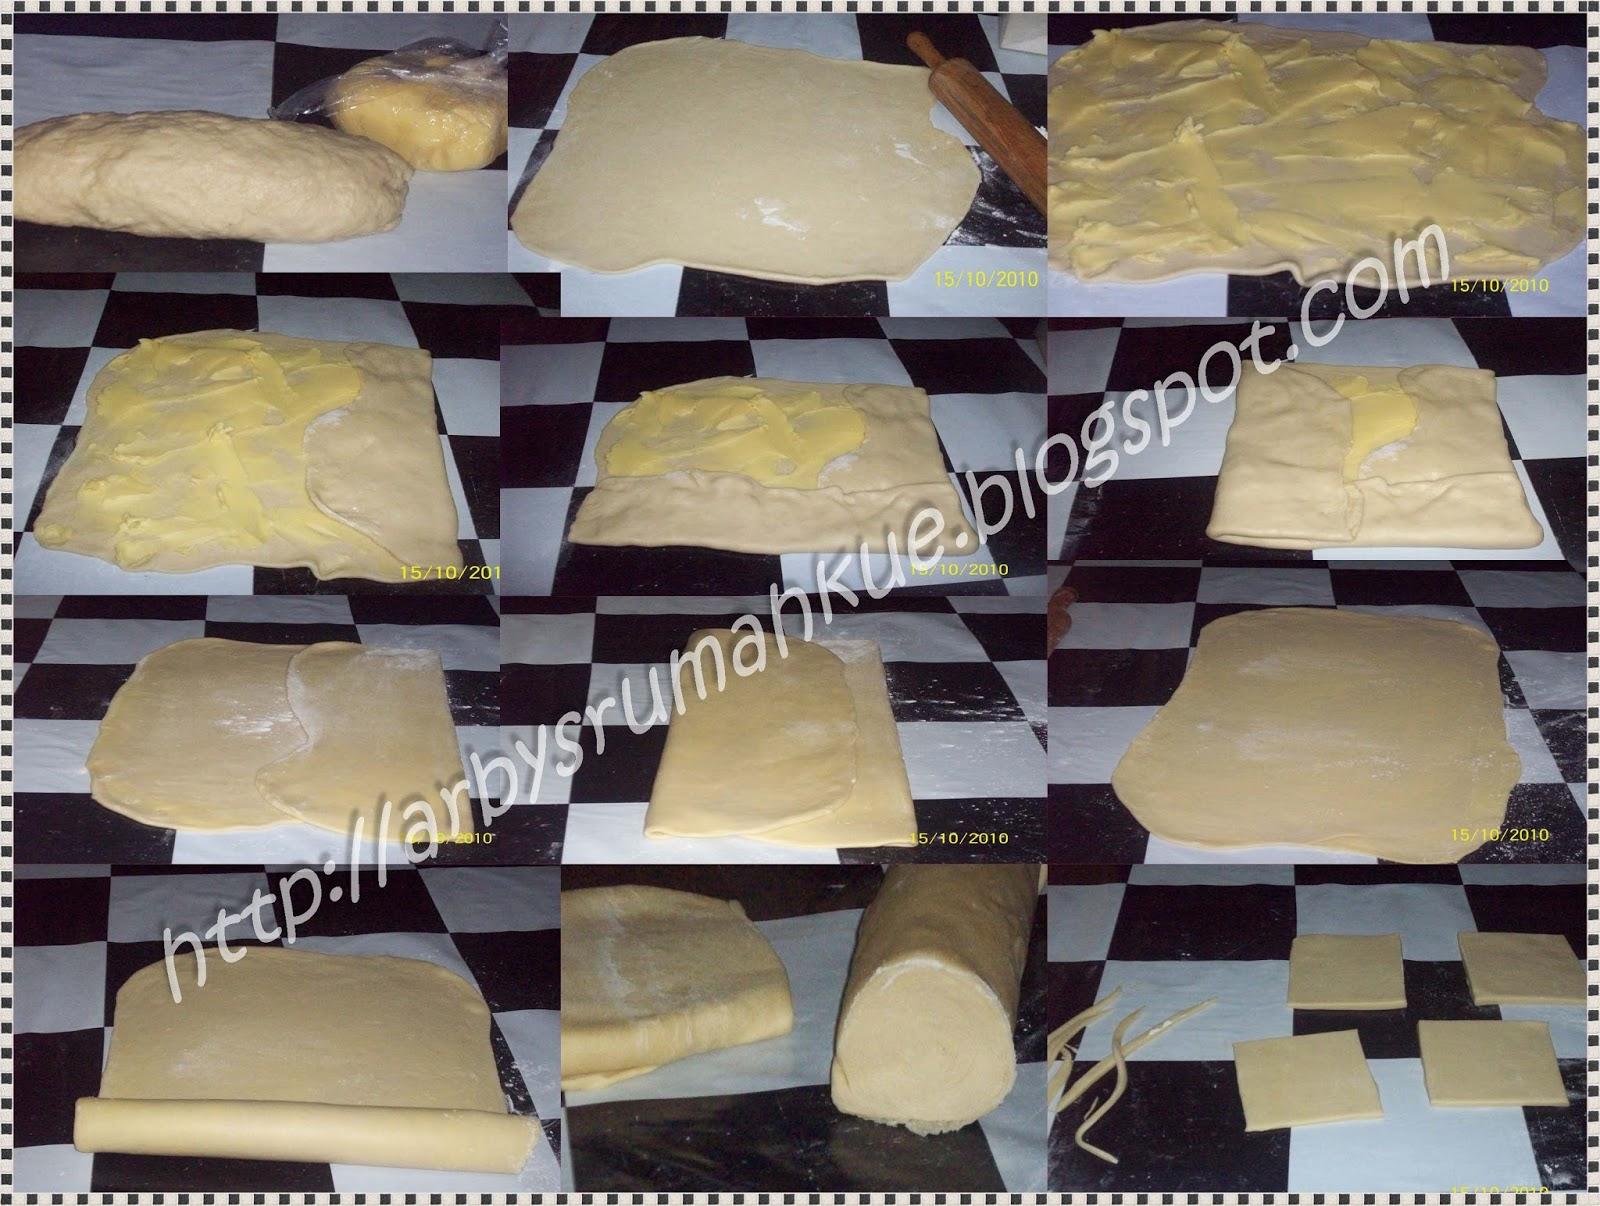 250 gram. PASTRY MARGARIN (aq pake merk buillon atau australia)